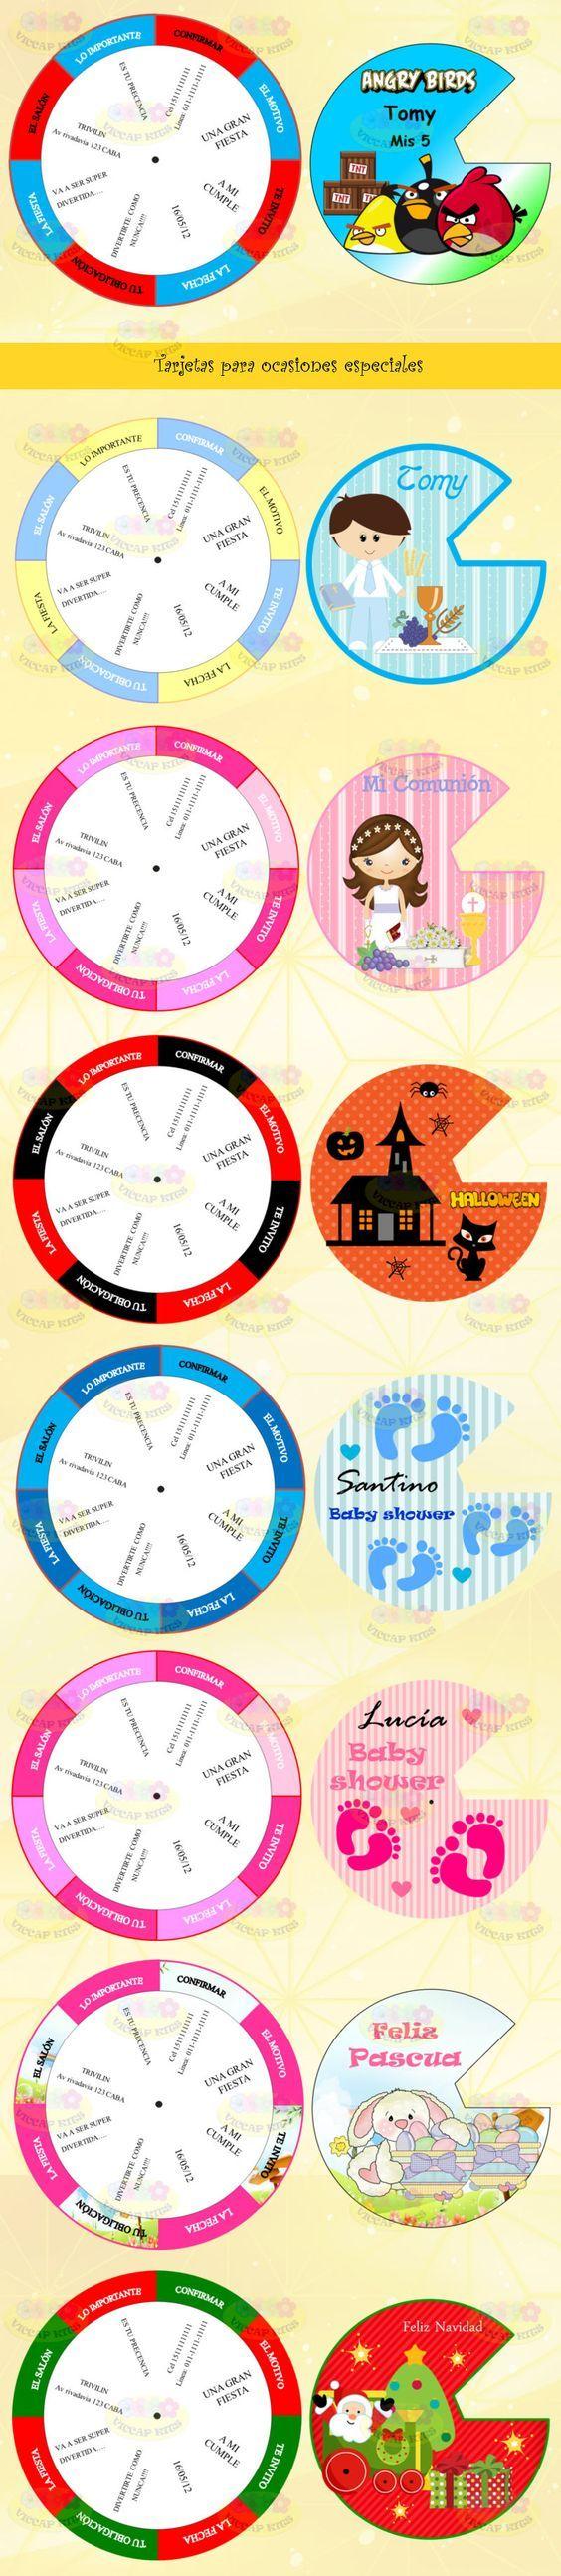 (8) Kit Imprimible Tarjetas Giratorias Invitaciones Cumples Boda - $ 44,99 en MercadoLibre